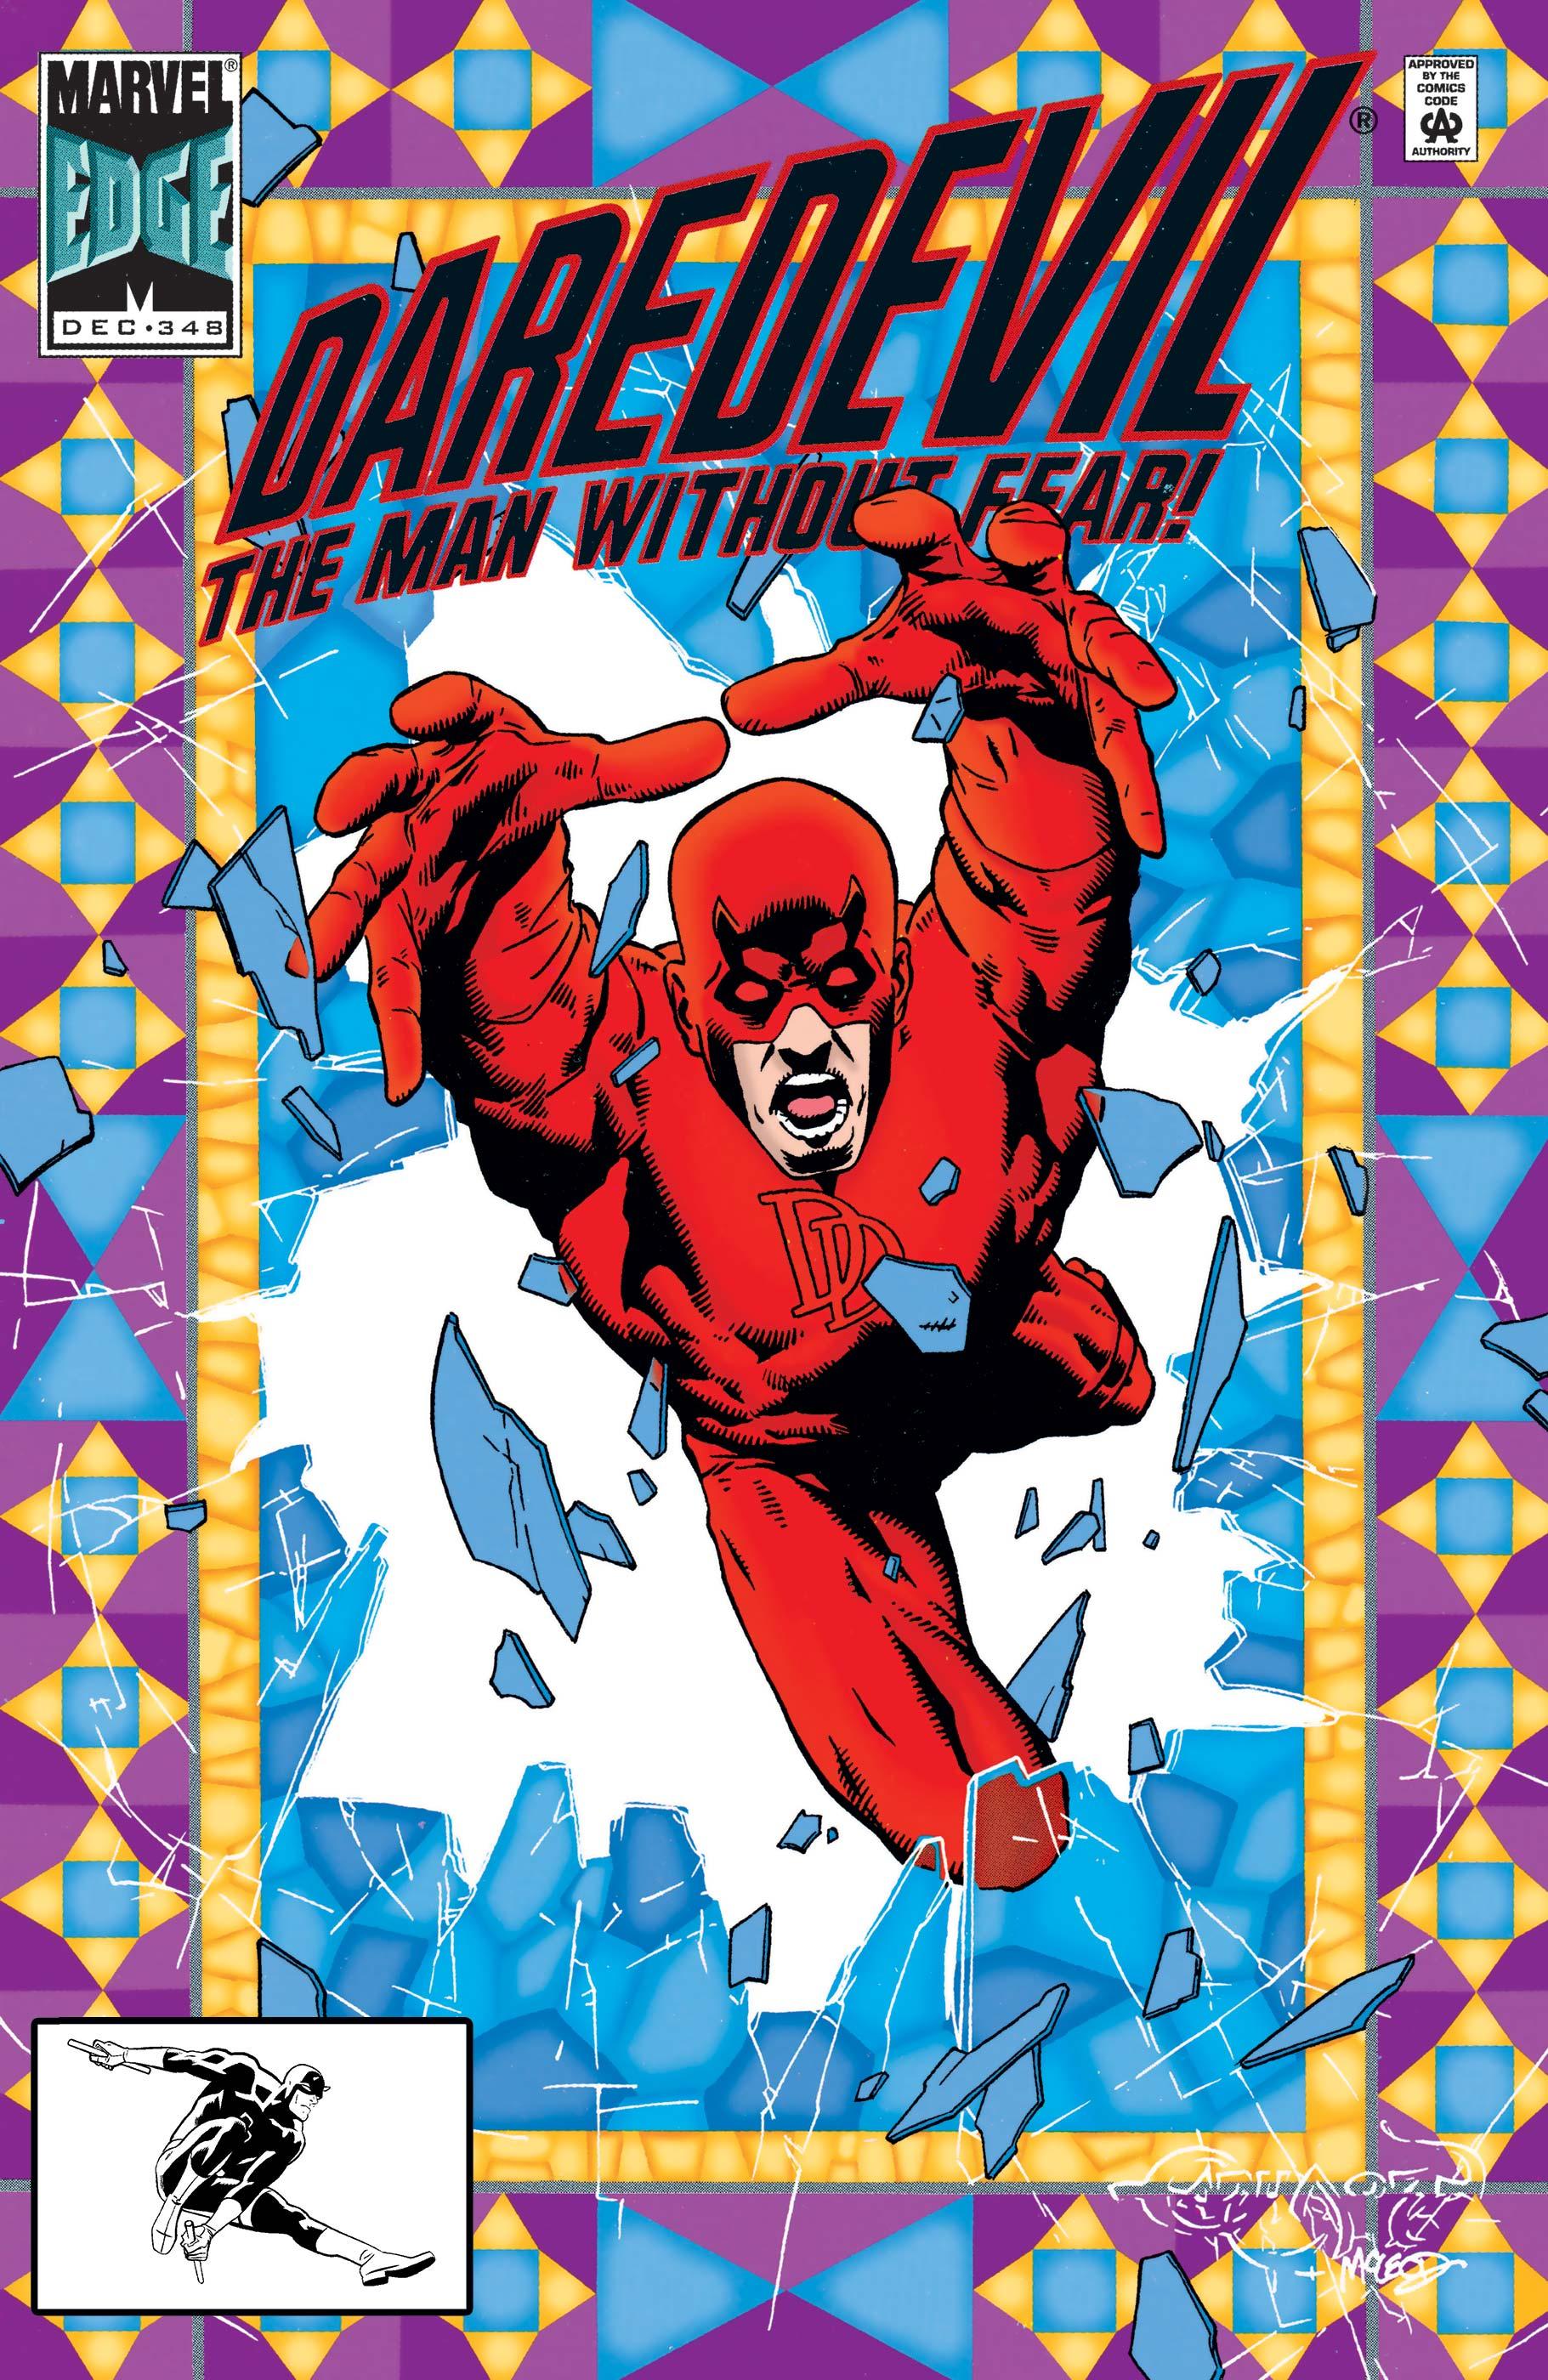 Daredevil (1964) #348